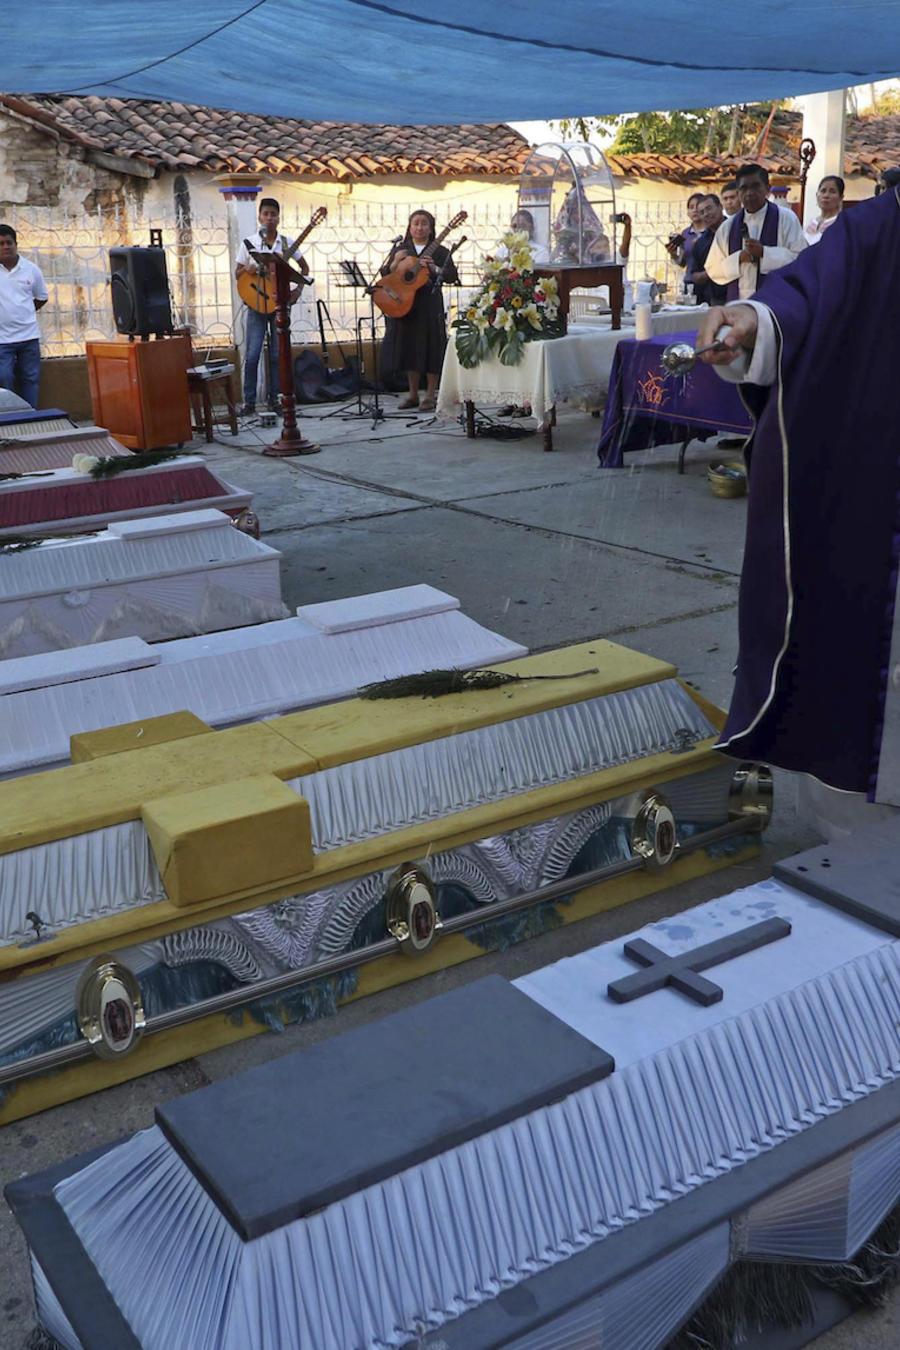 Un cura bendice ataúdes en el estado de Oaxaca, el 17 de febrero de 2018.